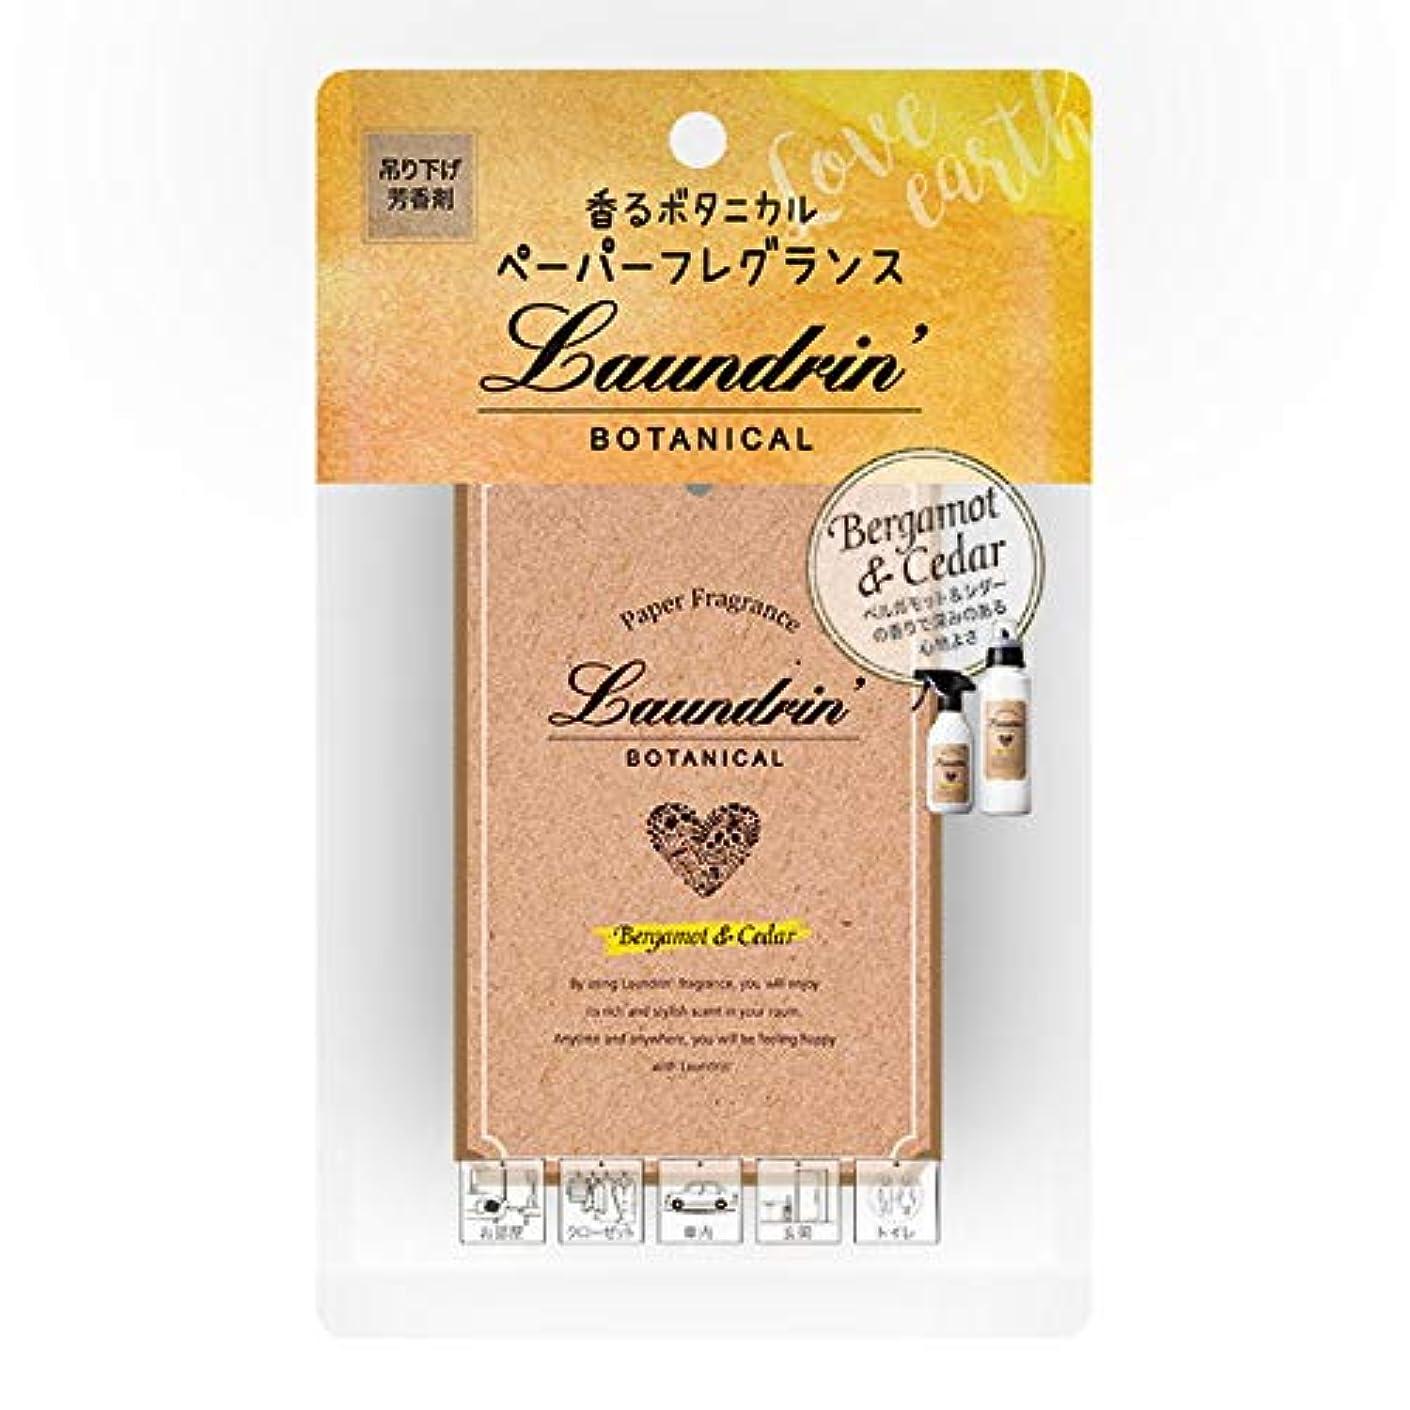 症候群証書心のこもったランドリン ボタニカル ペーパーフレグランス ベルガモット&シダー (1枚) 芳香剤